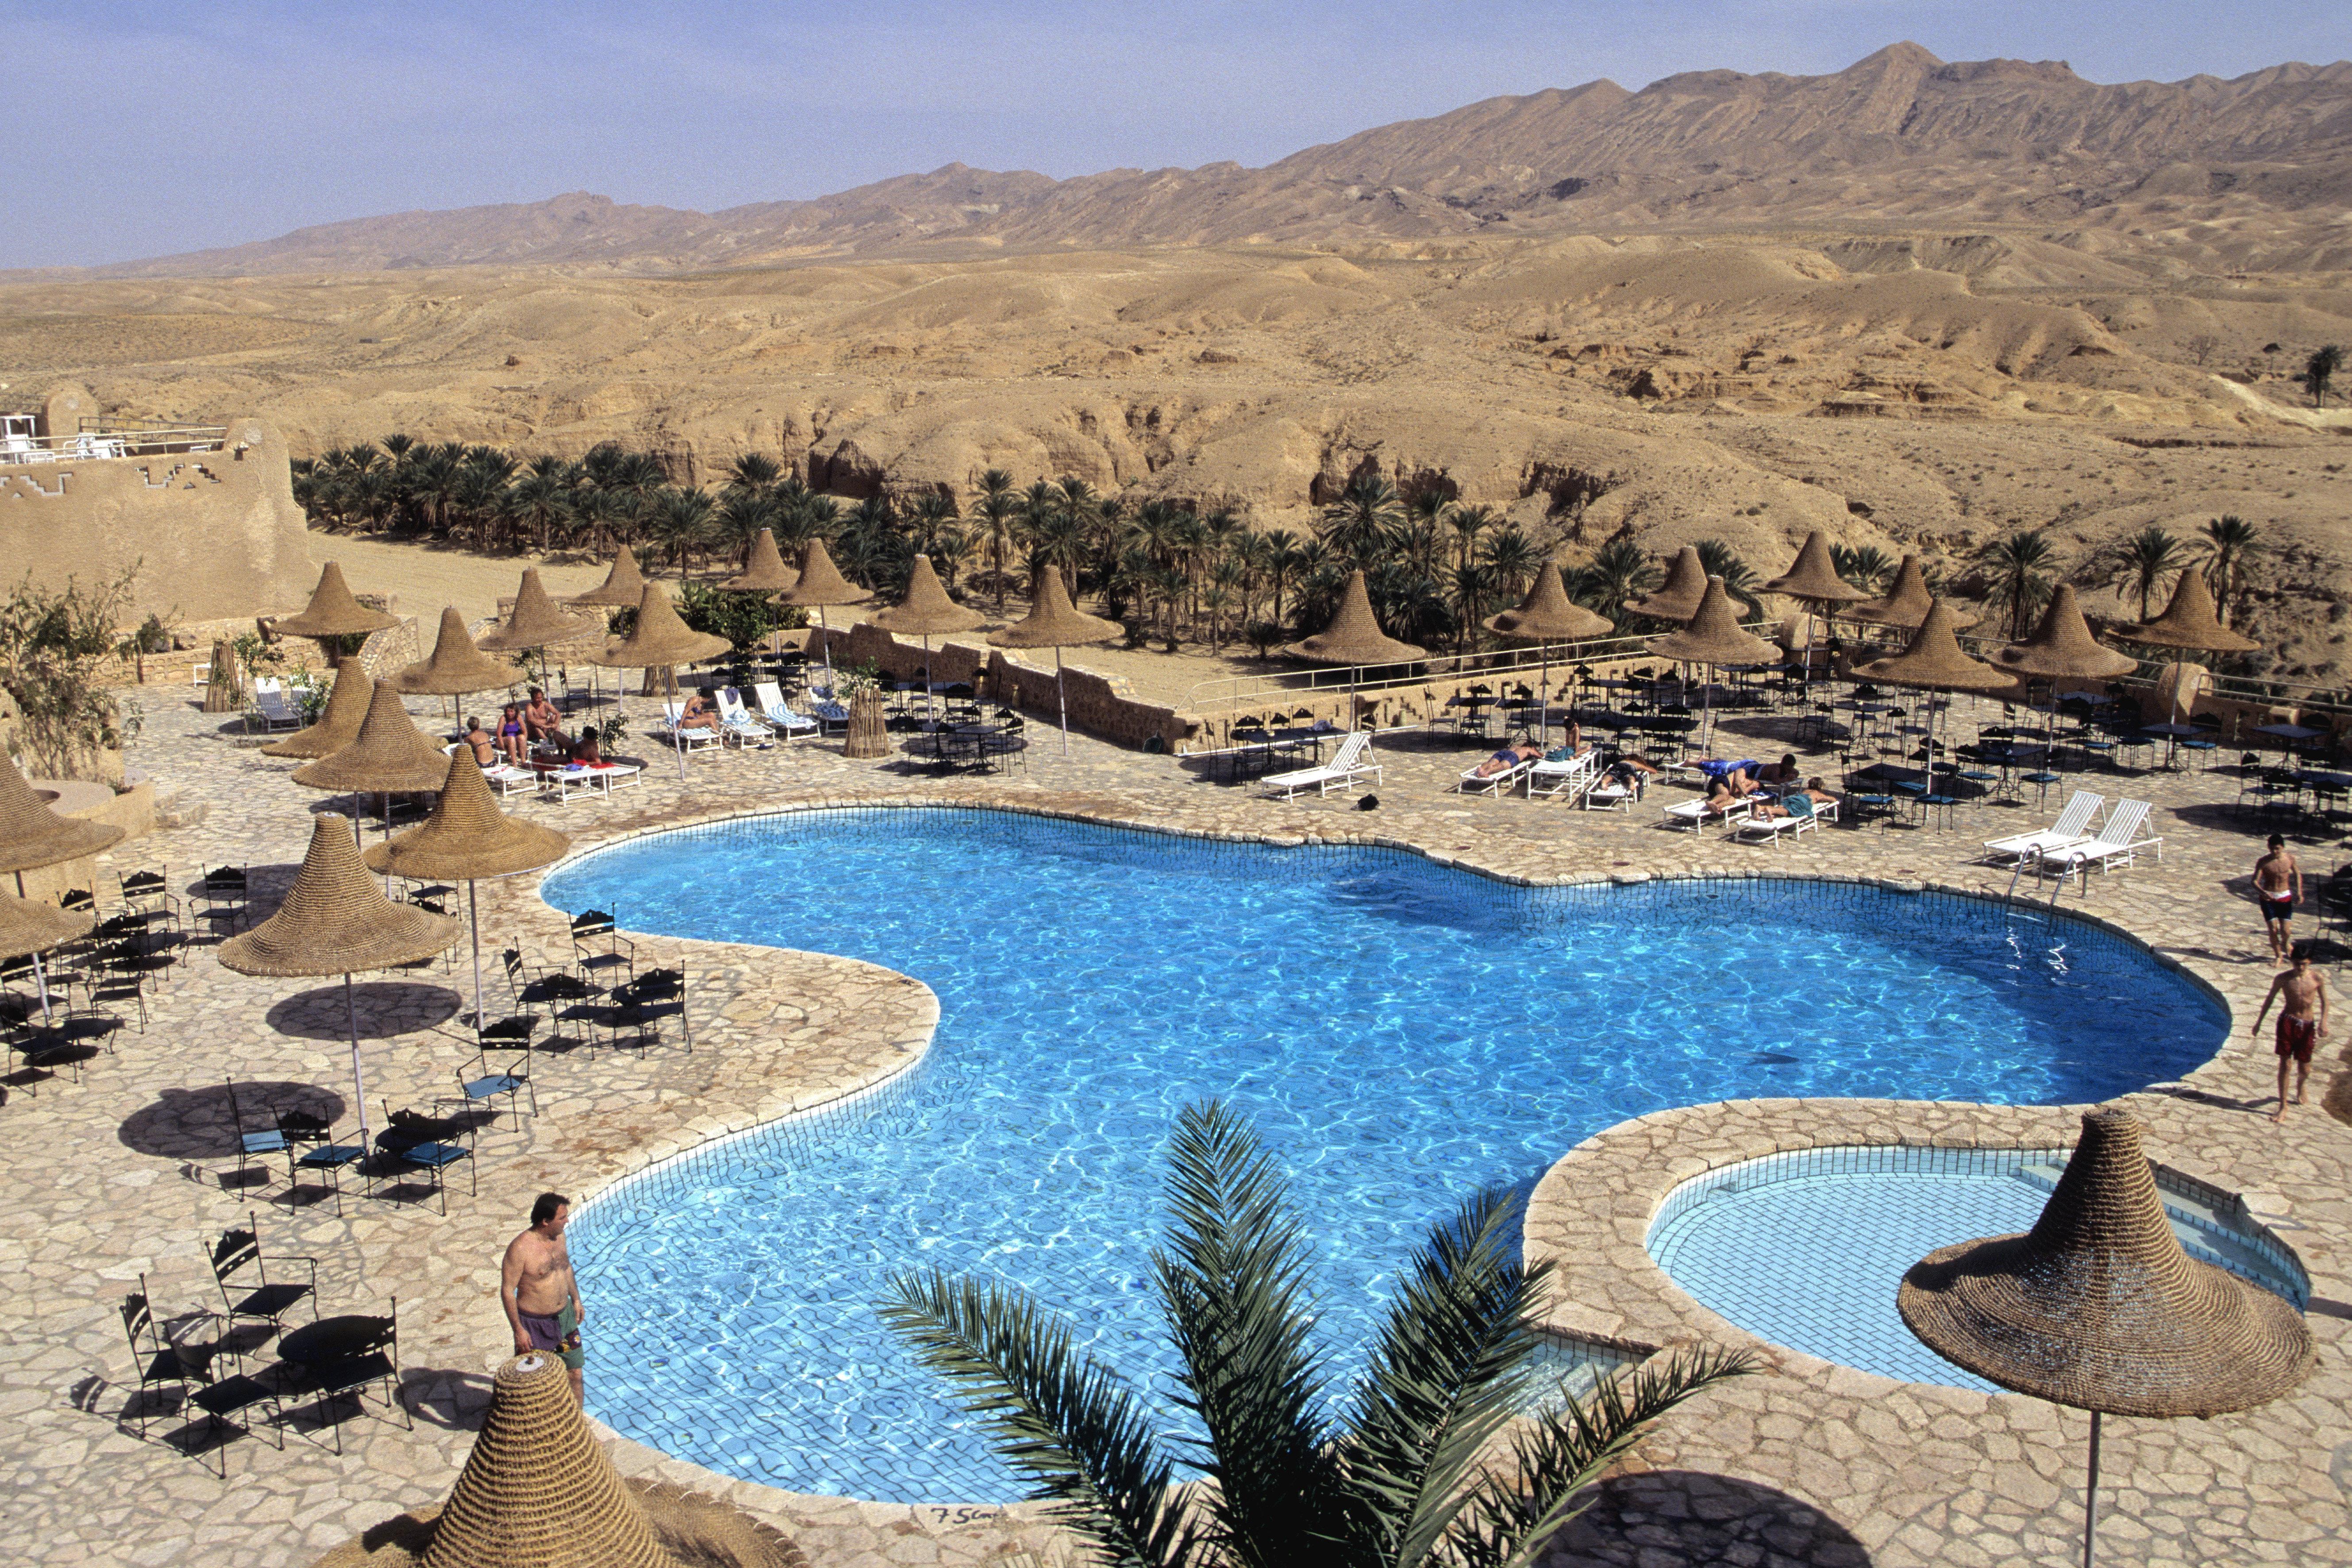 À Tozeur, les hôtels affichent complets pendant les vacances